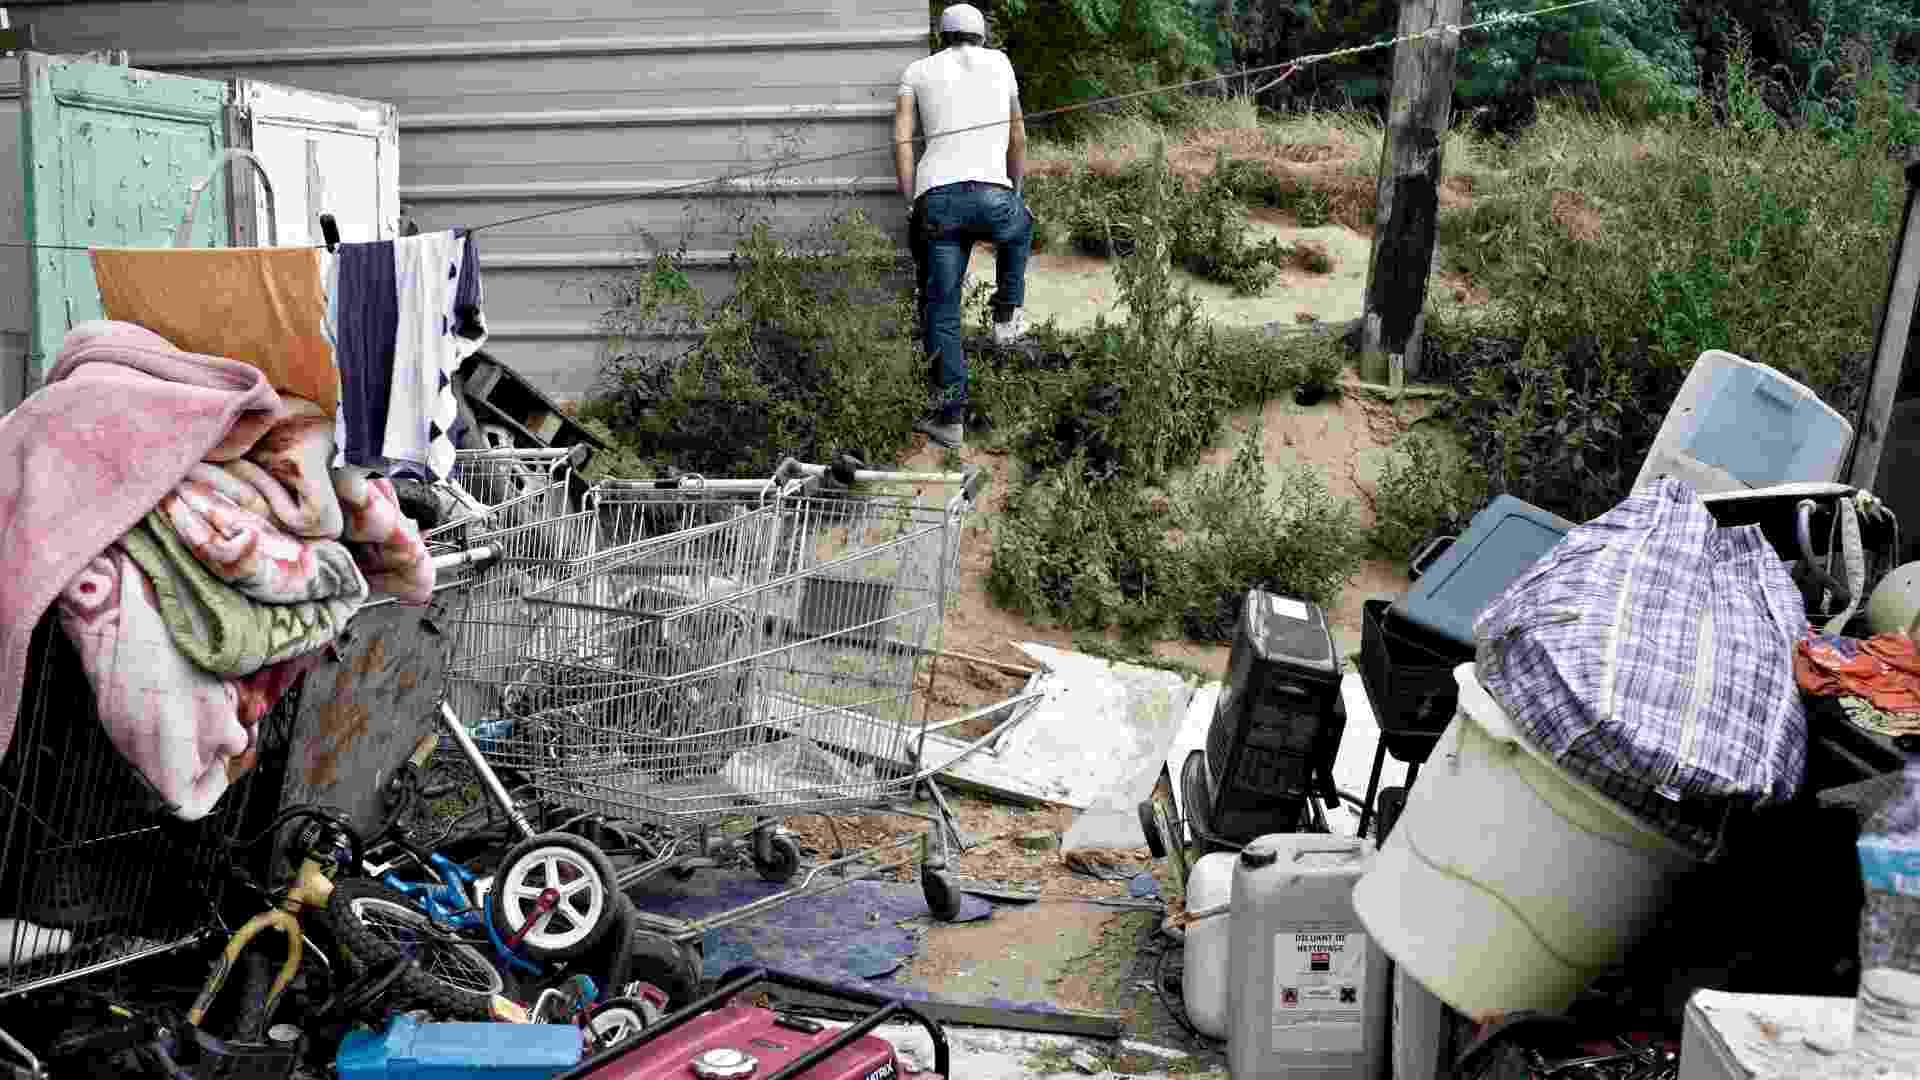 31.ago.2012 - Acampamento cigano em La Courneuve, na França - Corentin Fohlen/The New York Times